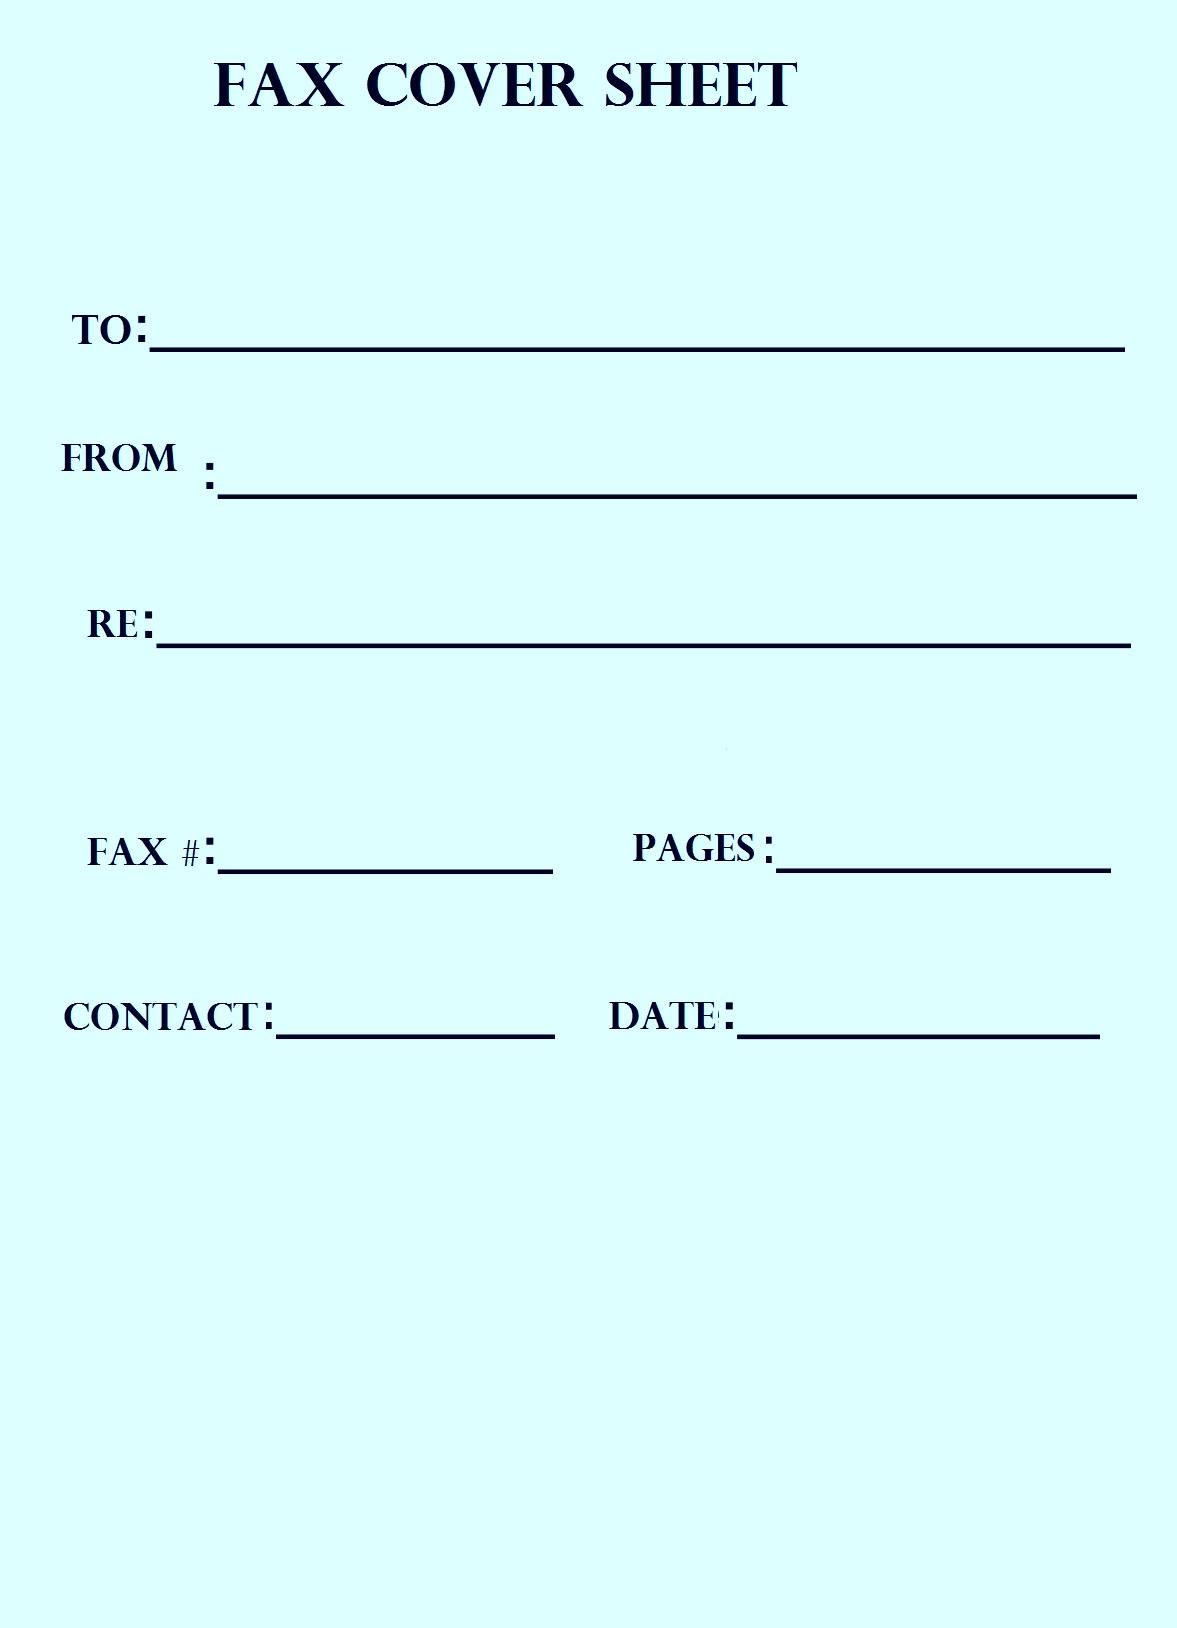 Standard Fax Cover Sheet